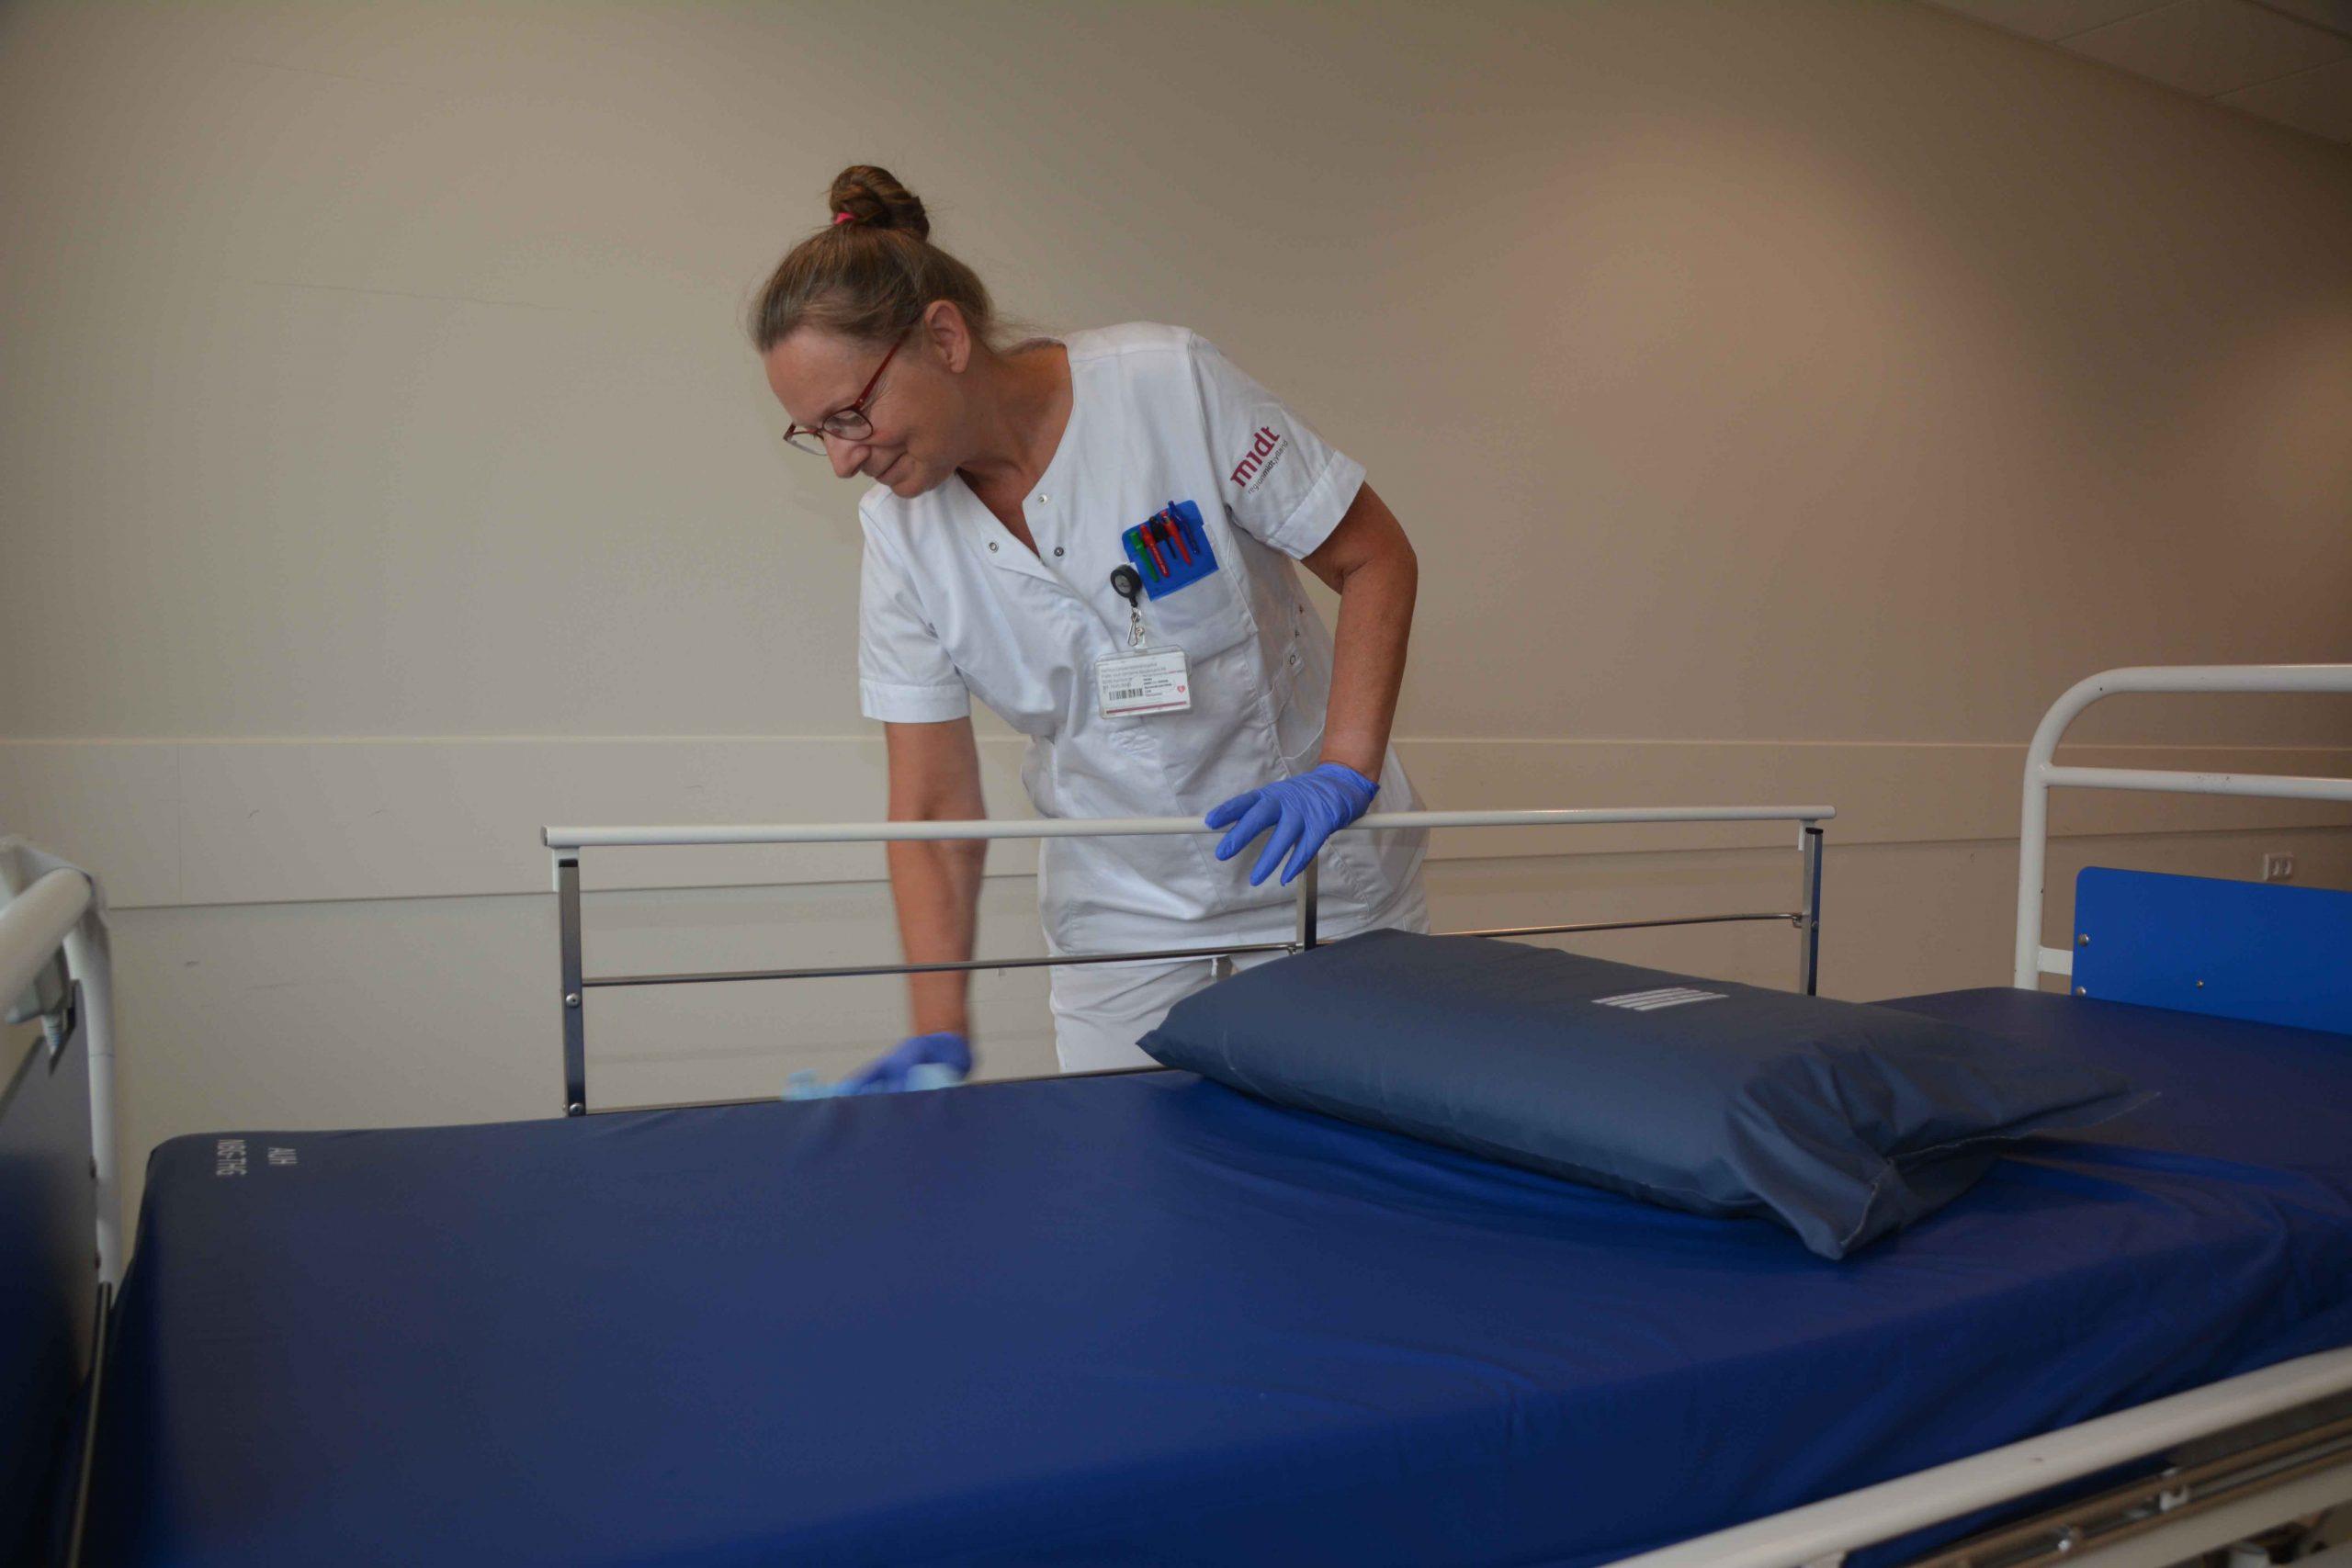 Sygehuset i Skejby godt igennem stor udskiftning af rengøringssystem